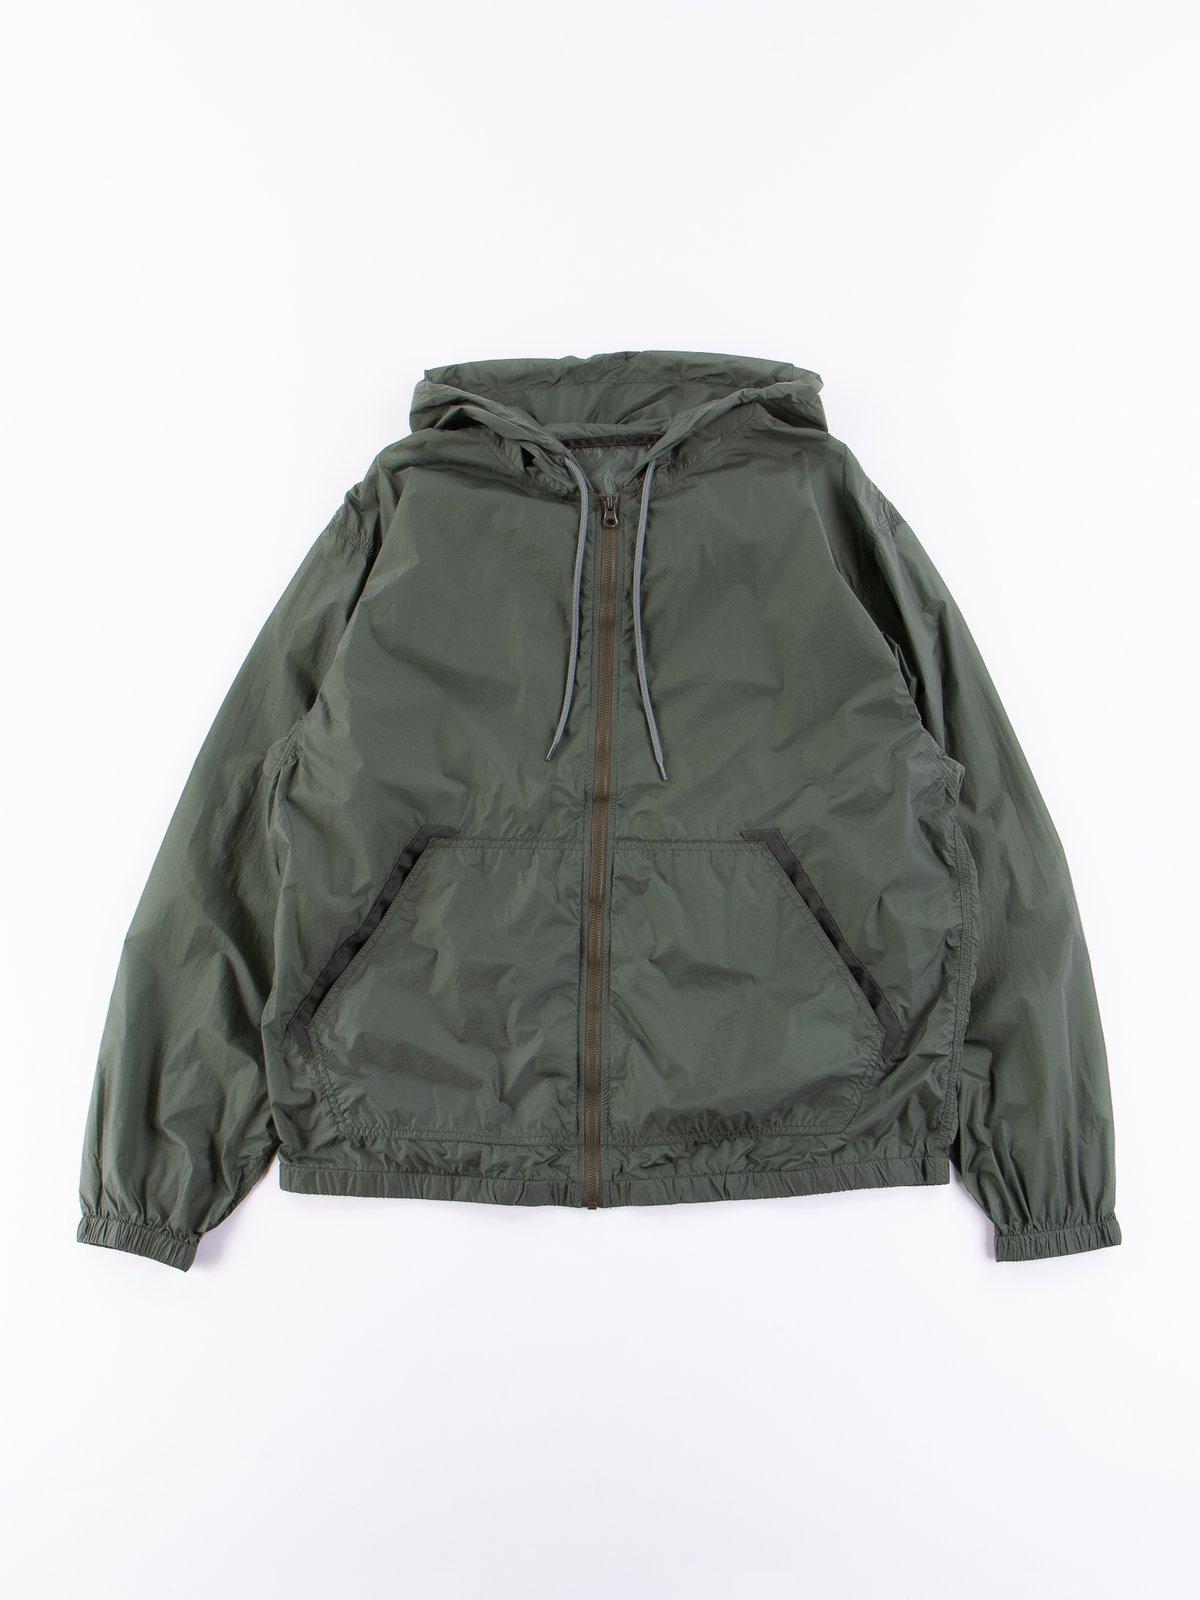 Khaki Packable Cruiser Jacket - Image 1